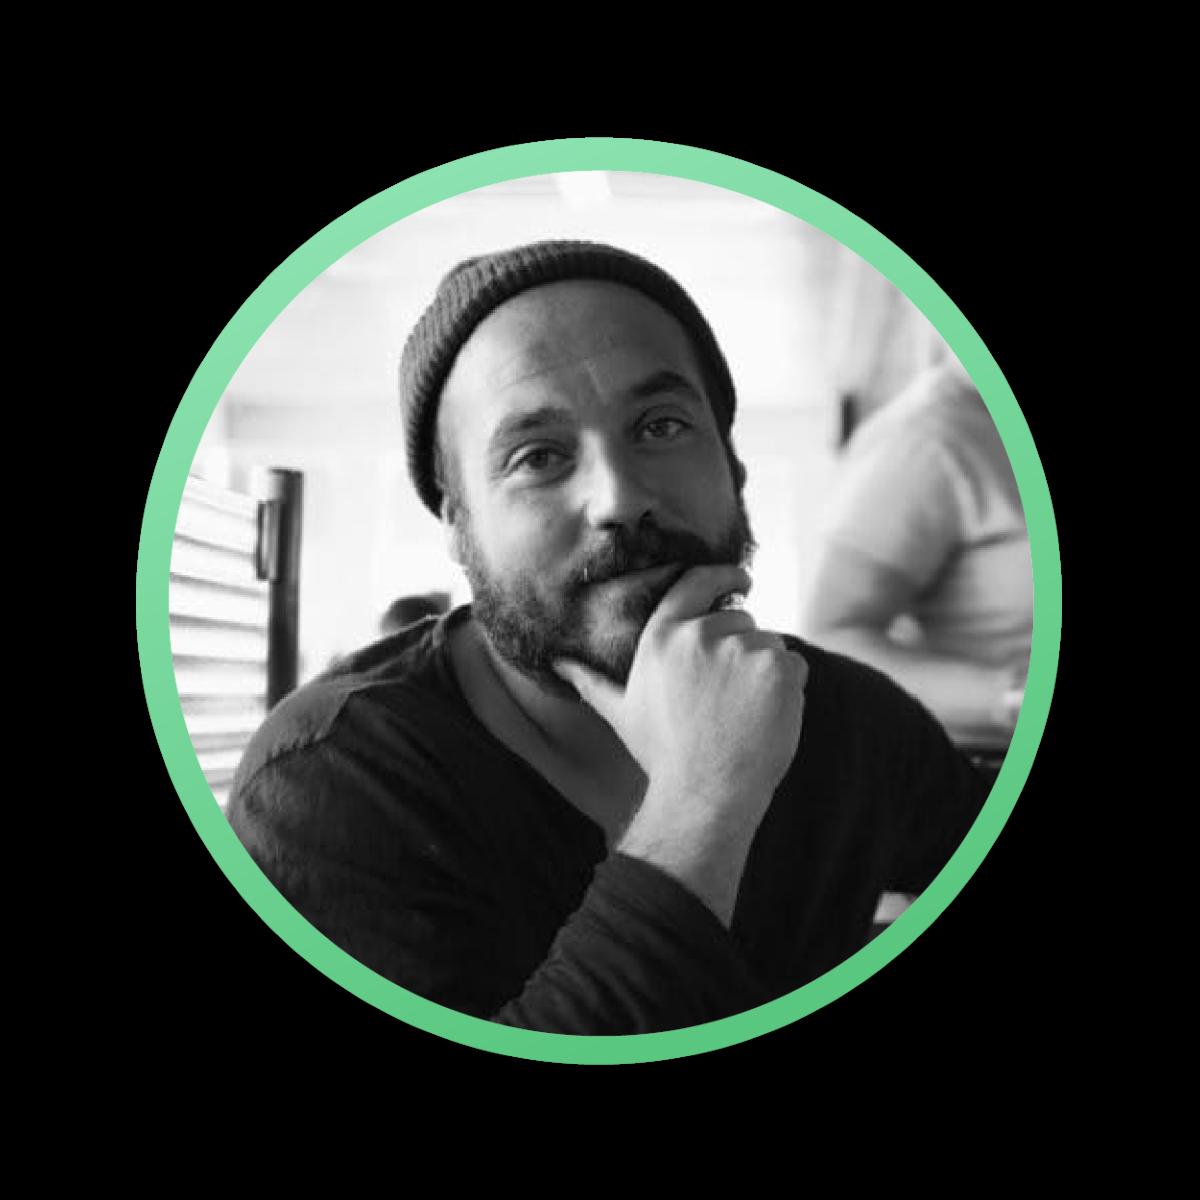 Atelier Collectes Peer-to-Peer : engagez votre communauté et collectez plus de fonds